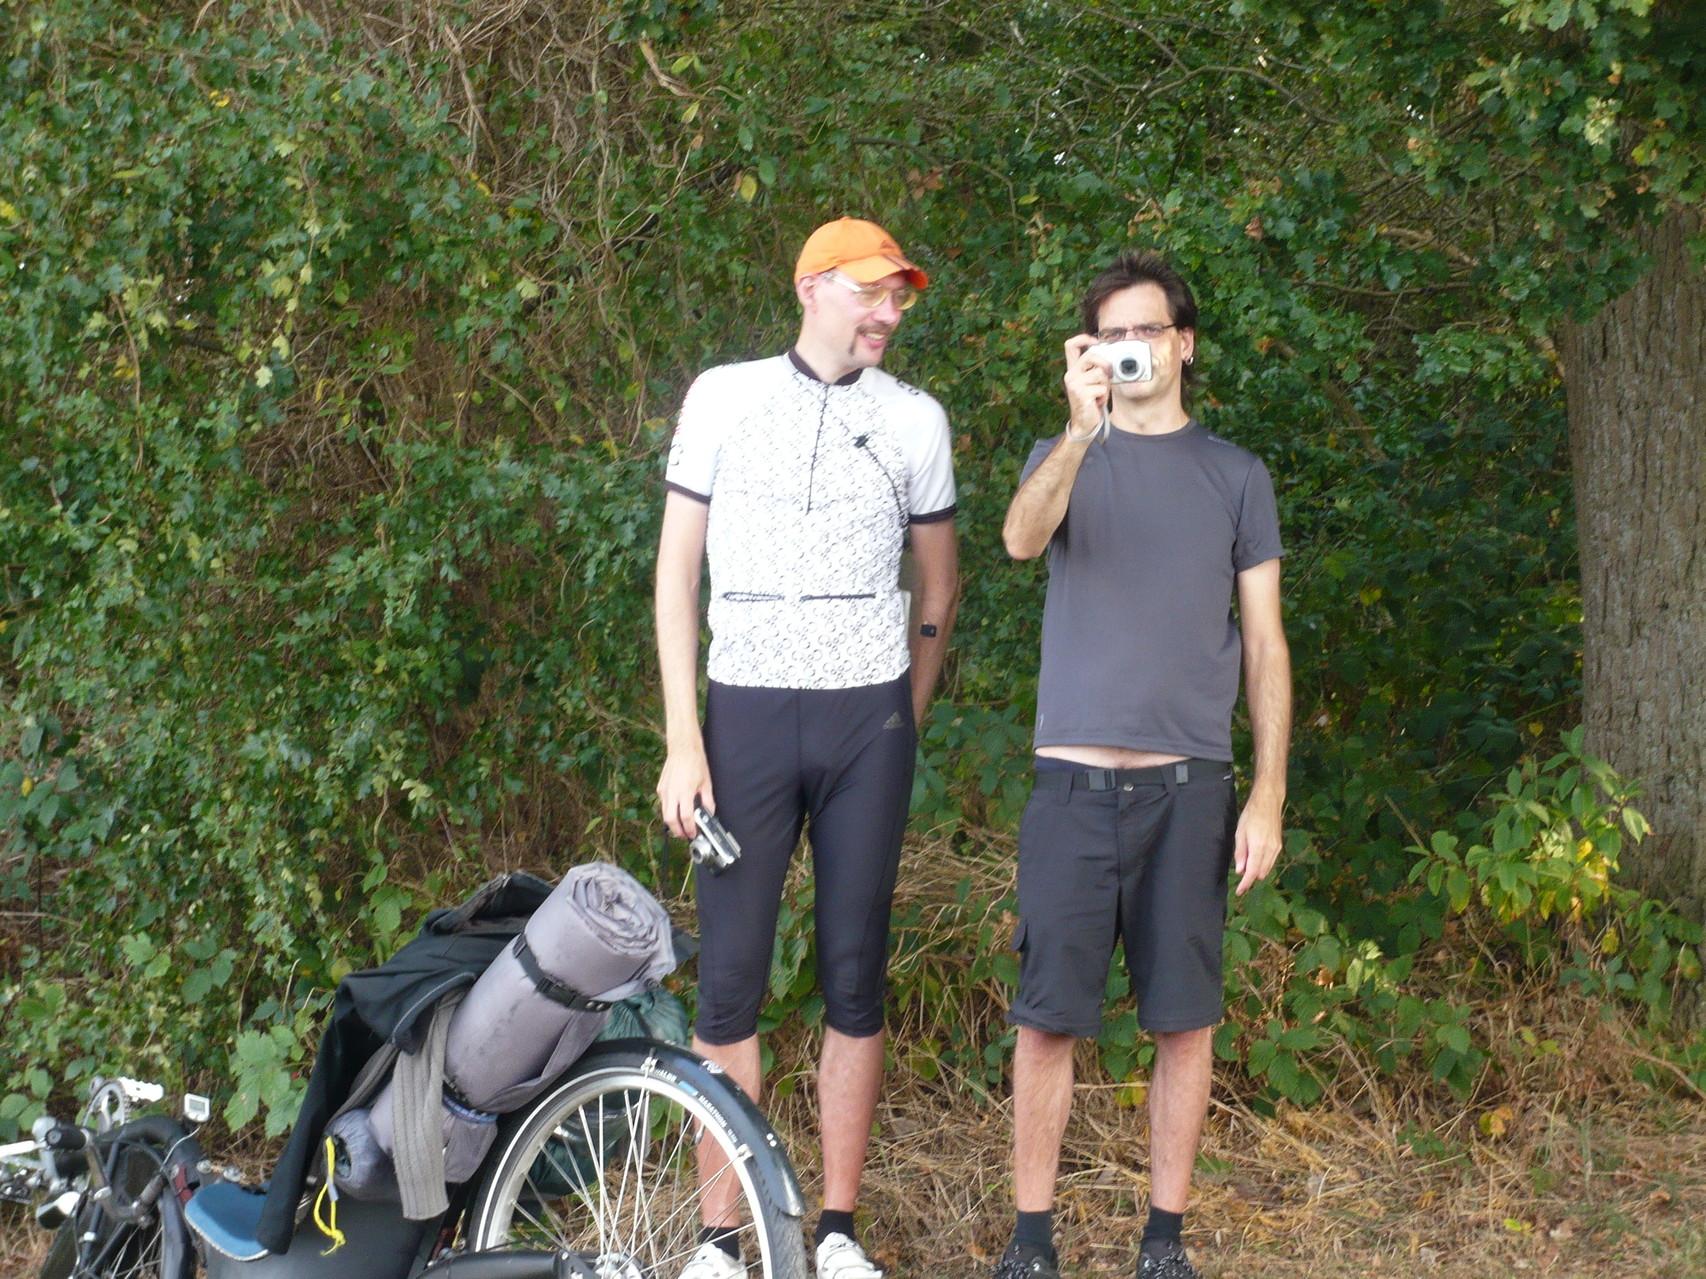 Neben Morten steht der Fotograph des Gruppenbildes.